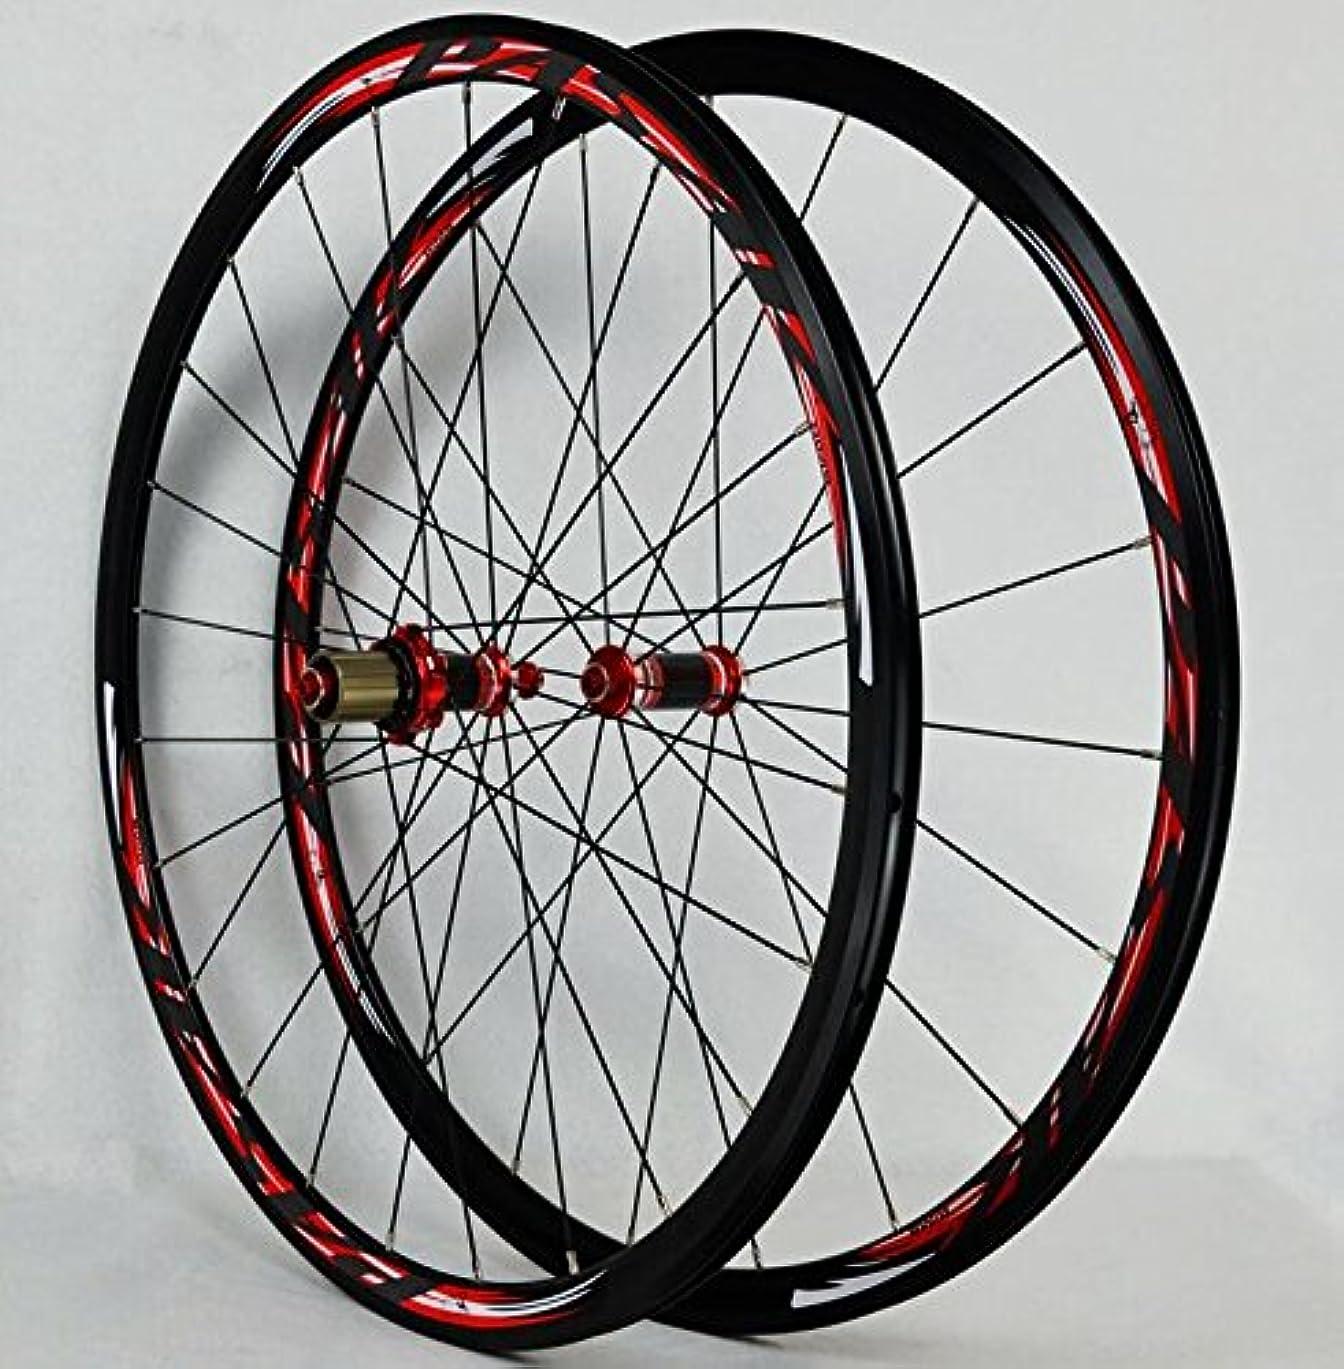 背景周り懐疑論700Cロードバイク自転車カーボンシールベアリングホイールストレートプルV / Cブレーキ30MM合金リムホイール